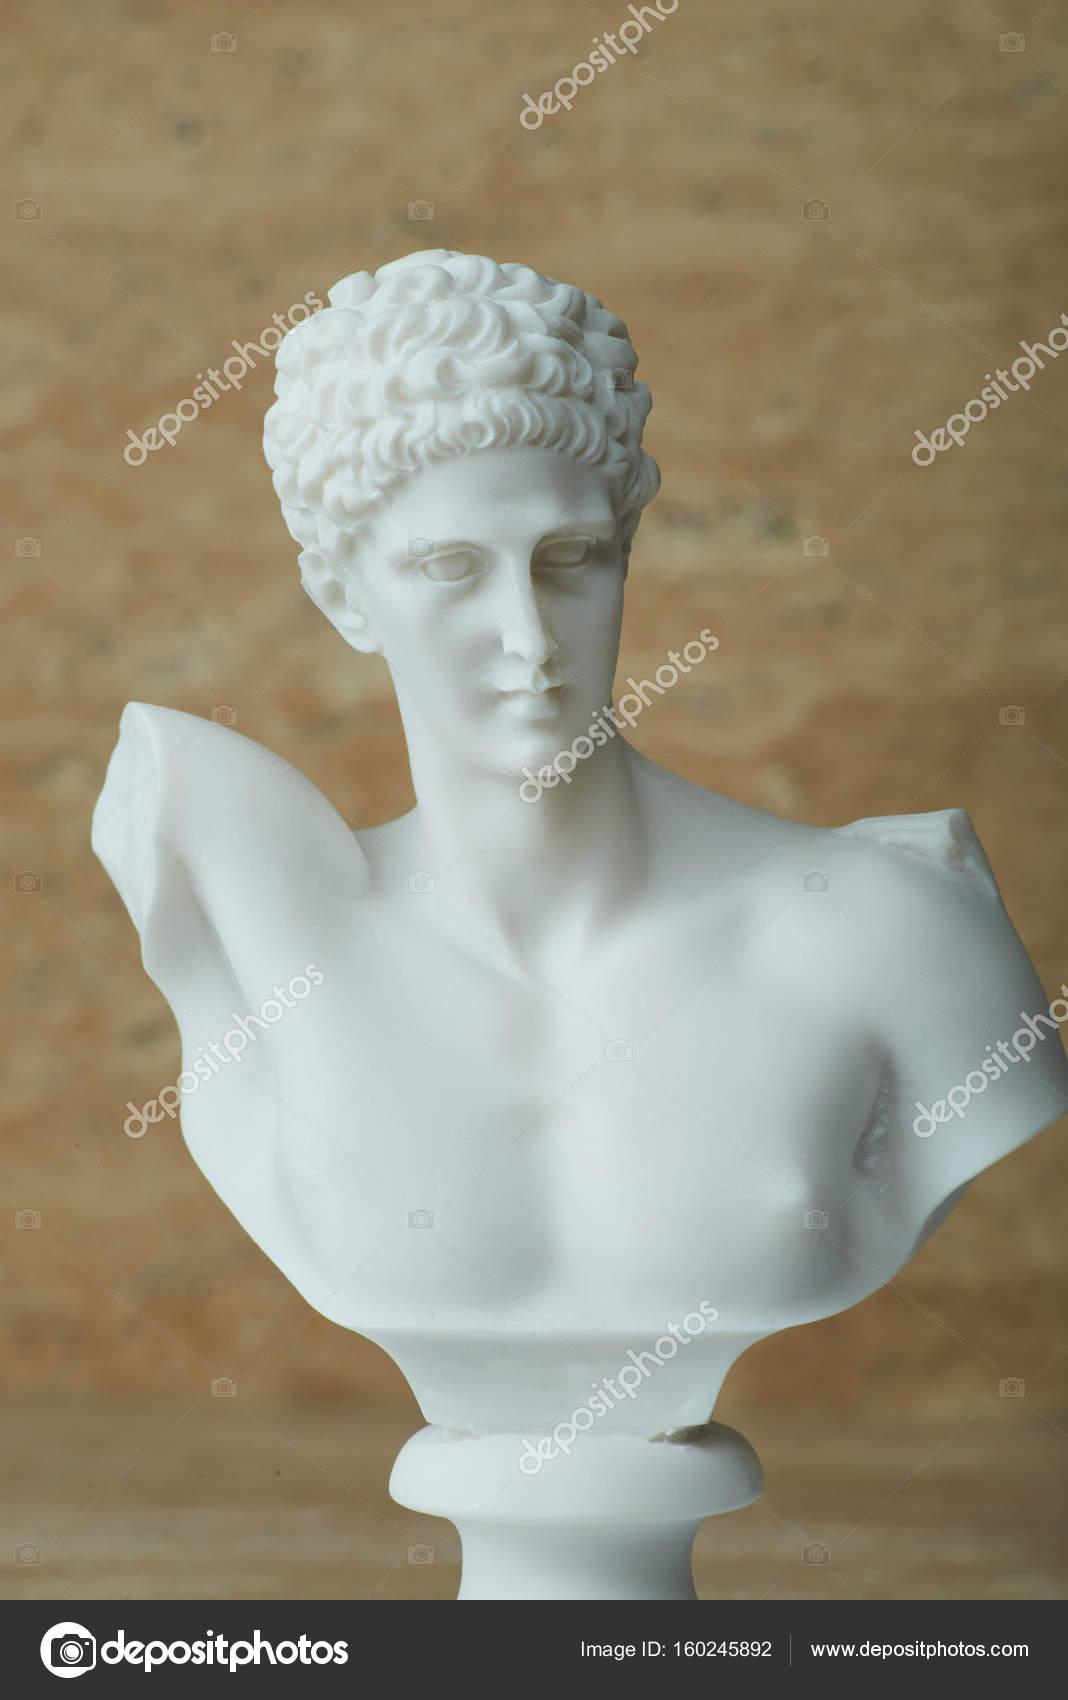 Statue of Hermes,ancient Greek god of transportation